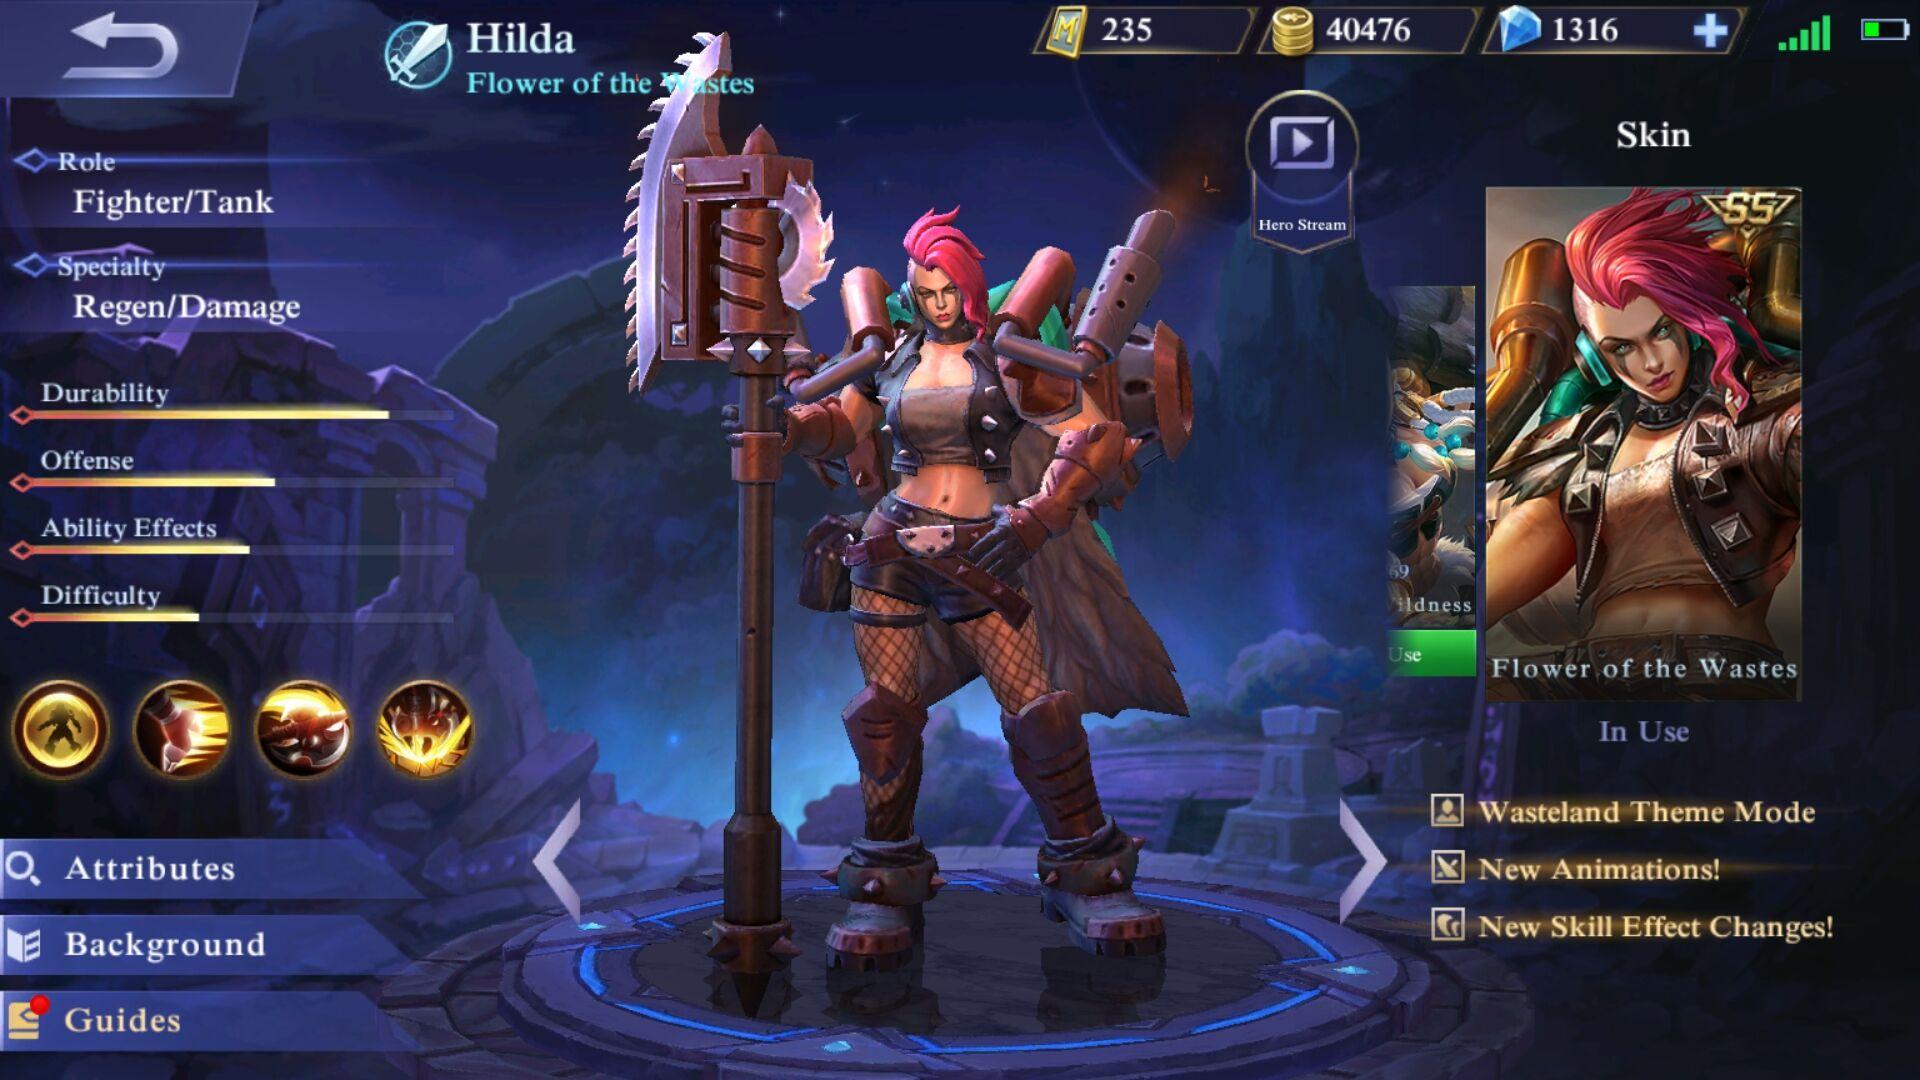 hero-cewek-mobile-legends (1)